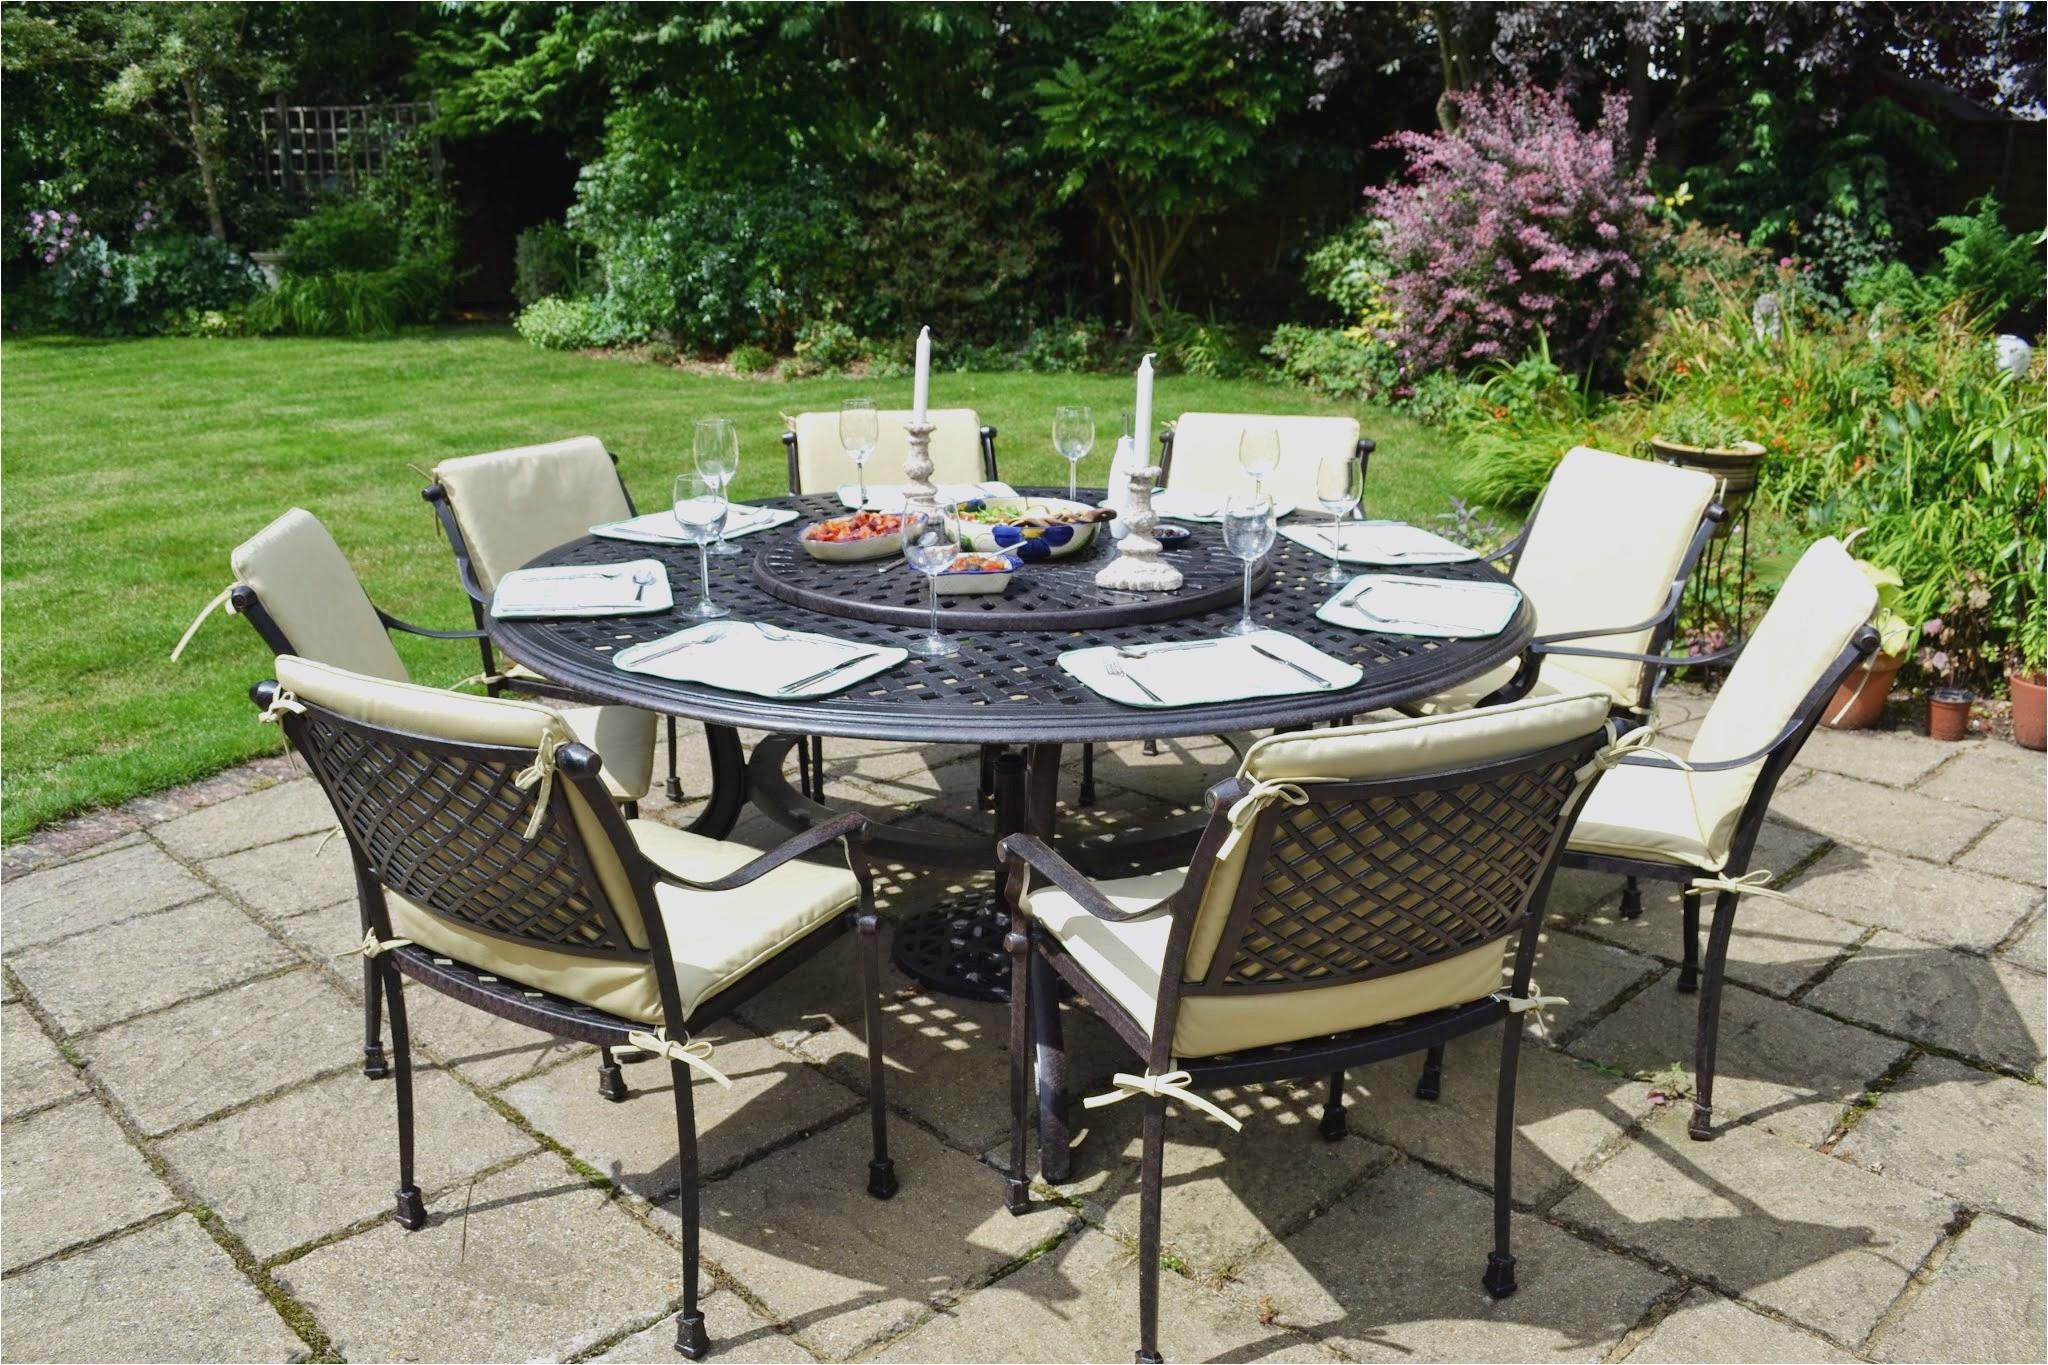 Banc De Jardin Jardiland New Table Aluminium Charmant Banc ... avec Table De Jardin Aluminium Jardiland